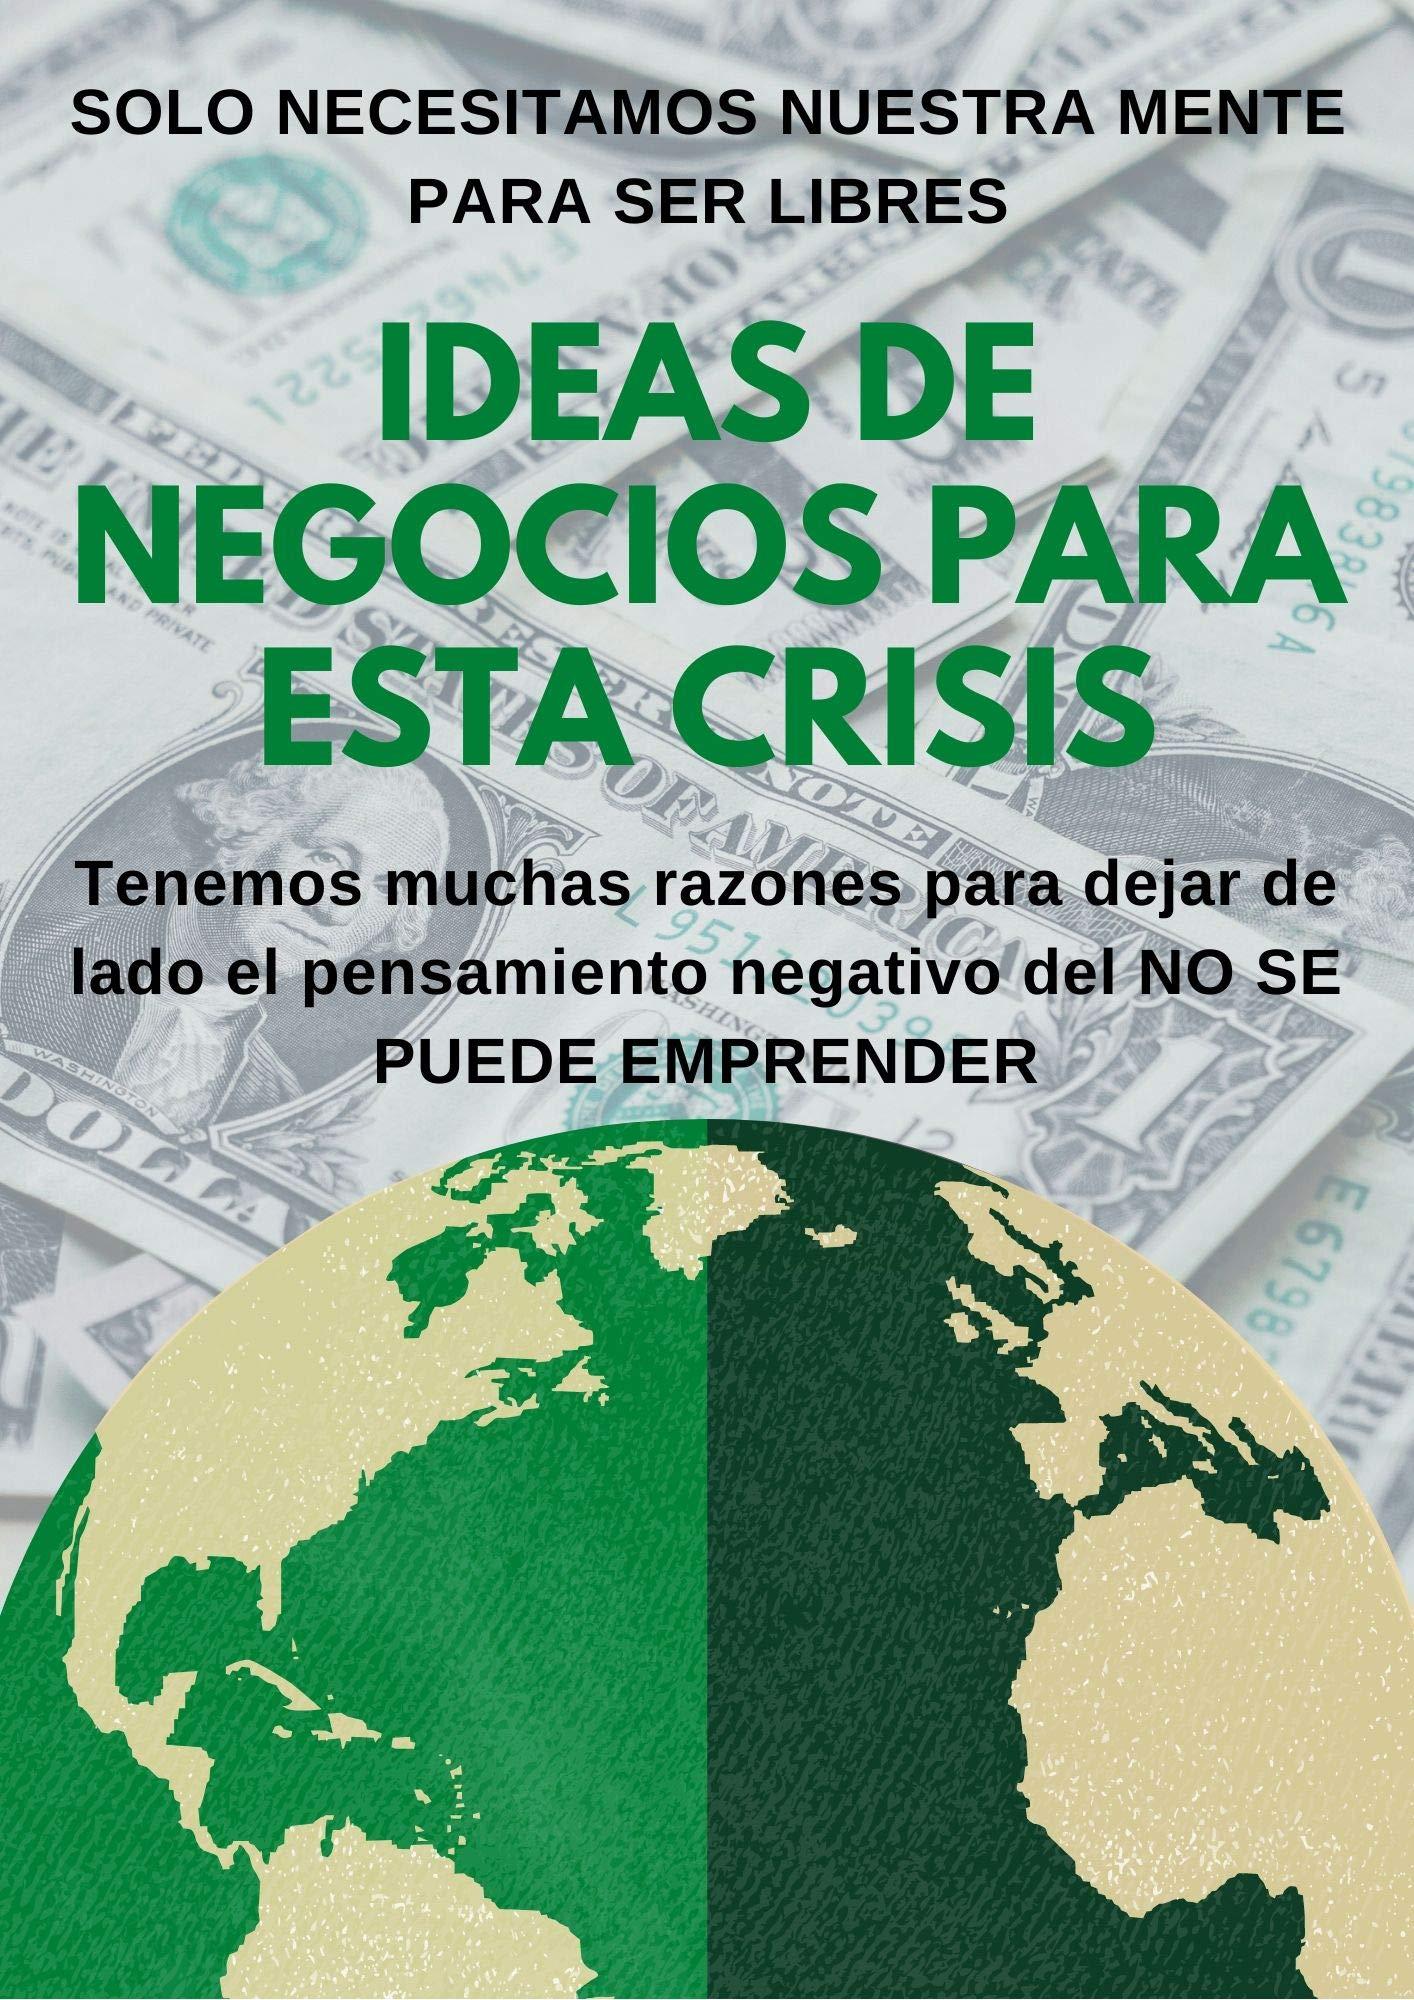 IDEAS DE NEGOCIOS PARA ESTA CRISIS: 15+1 IDEAS DIFERENTES DE NEGOCIOS DESDE CASA (Spanish Edition)